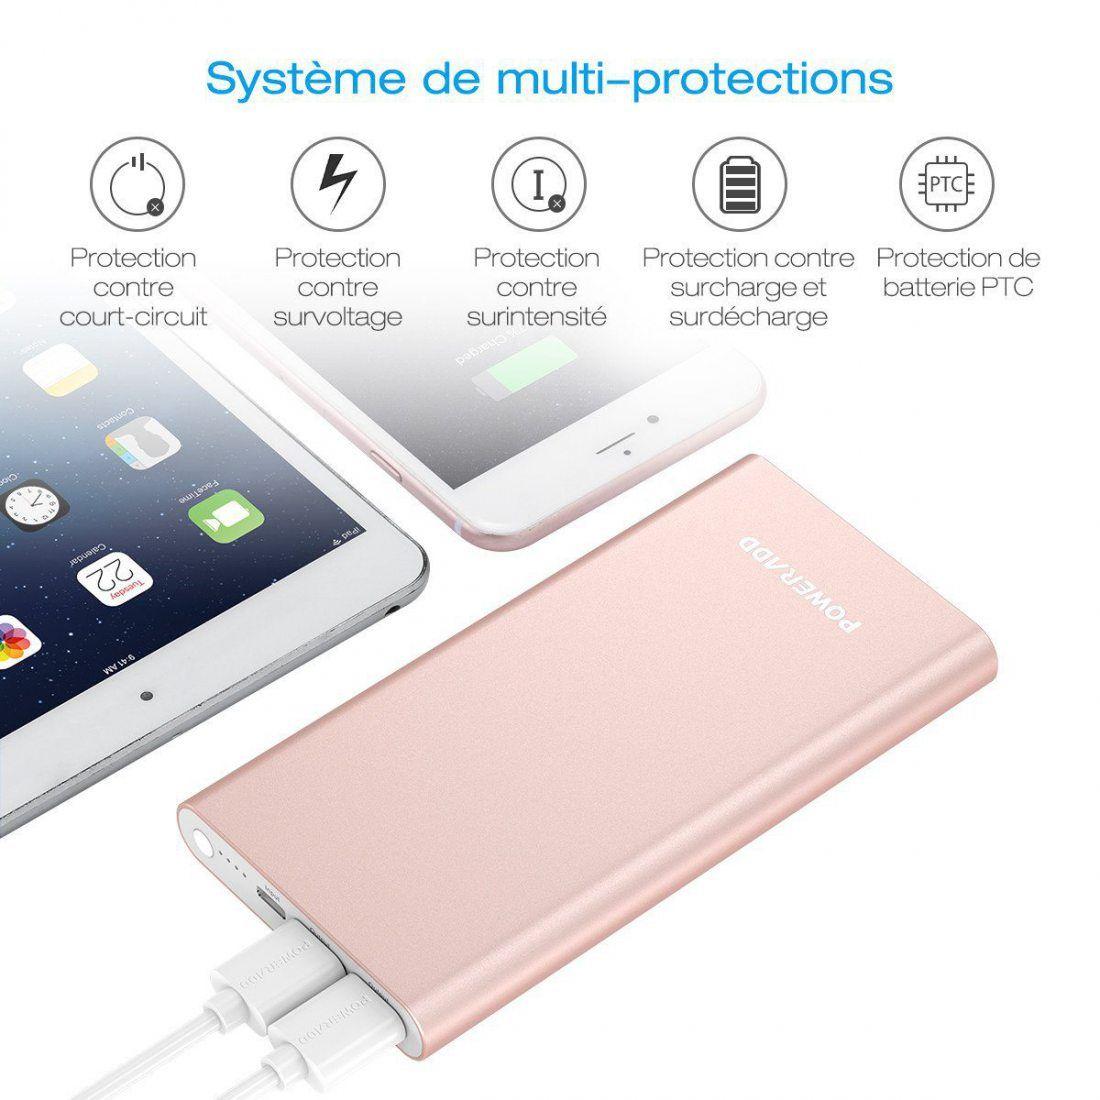 POWERADD Pilot 4GS 12000mAh Batterie Externe Portable Grande Capacité avec Deux USB (3A+3A) Charge Rapide pour Iphone 6/6plus